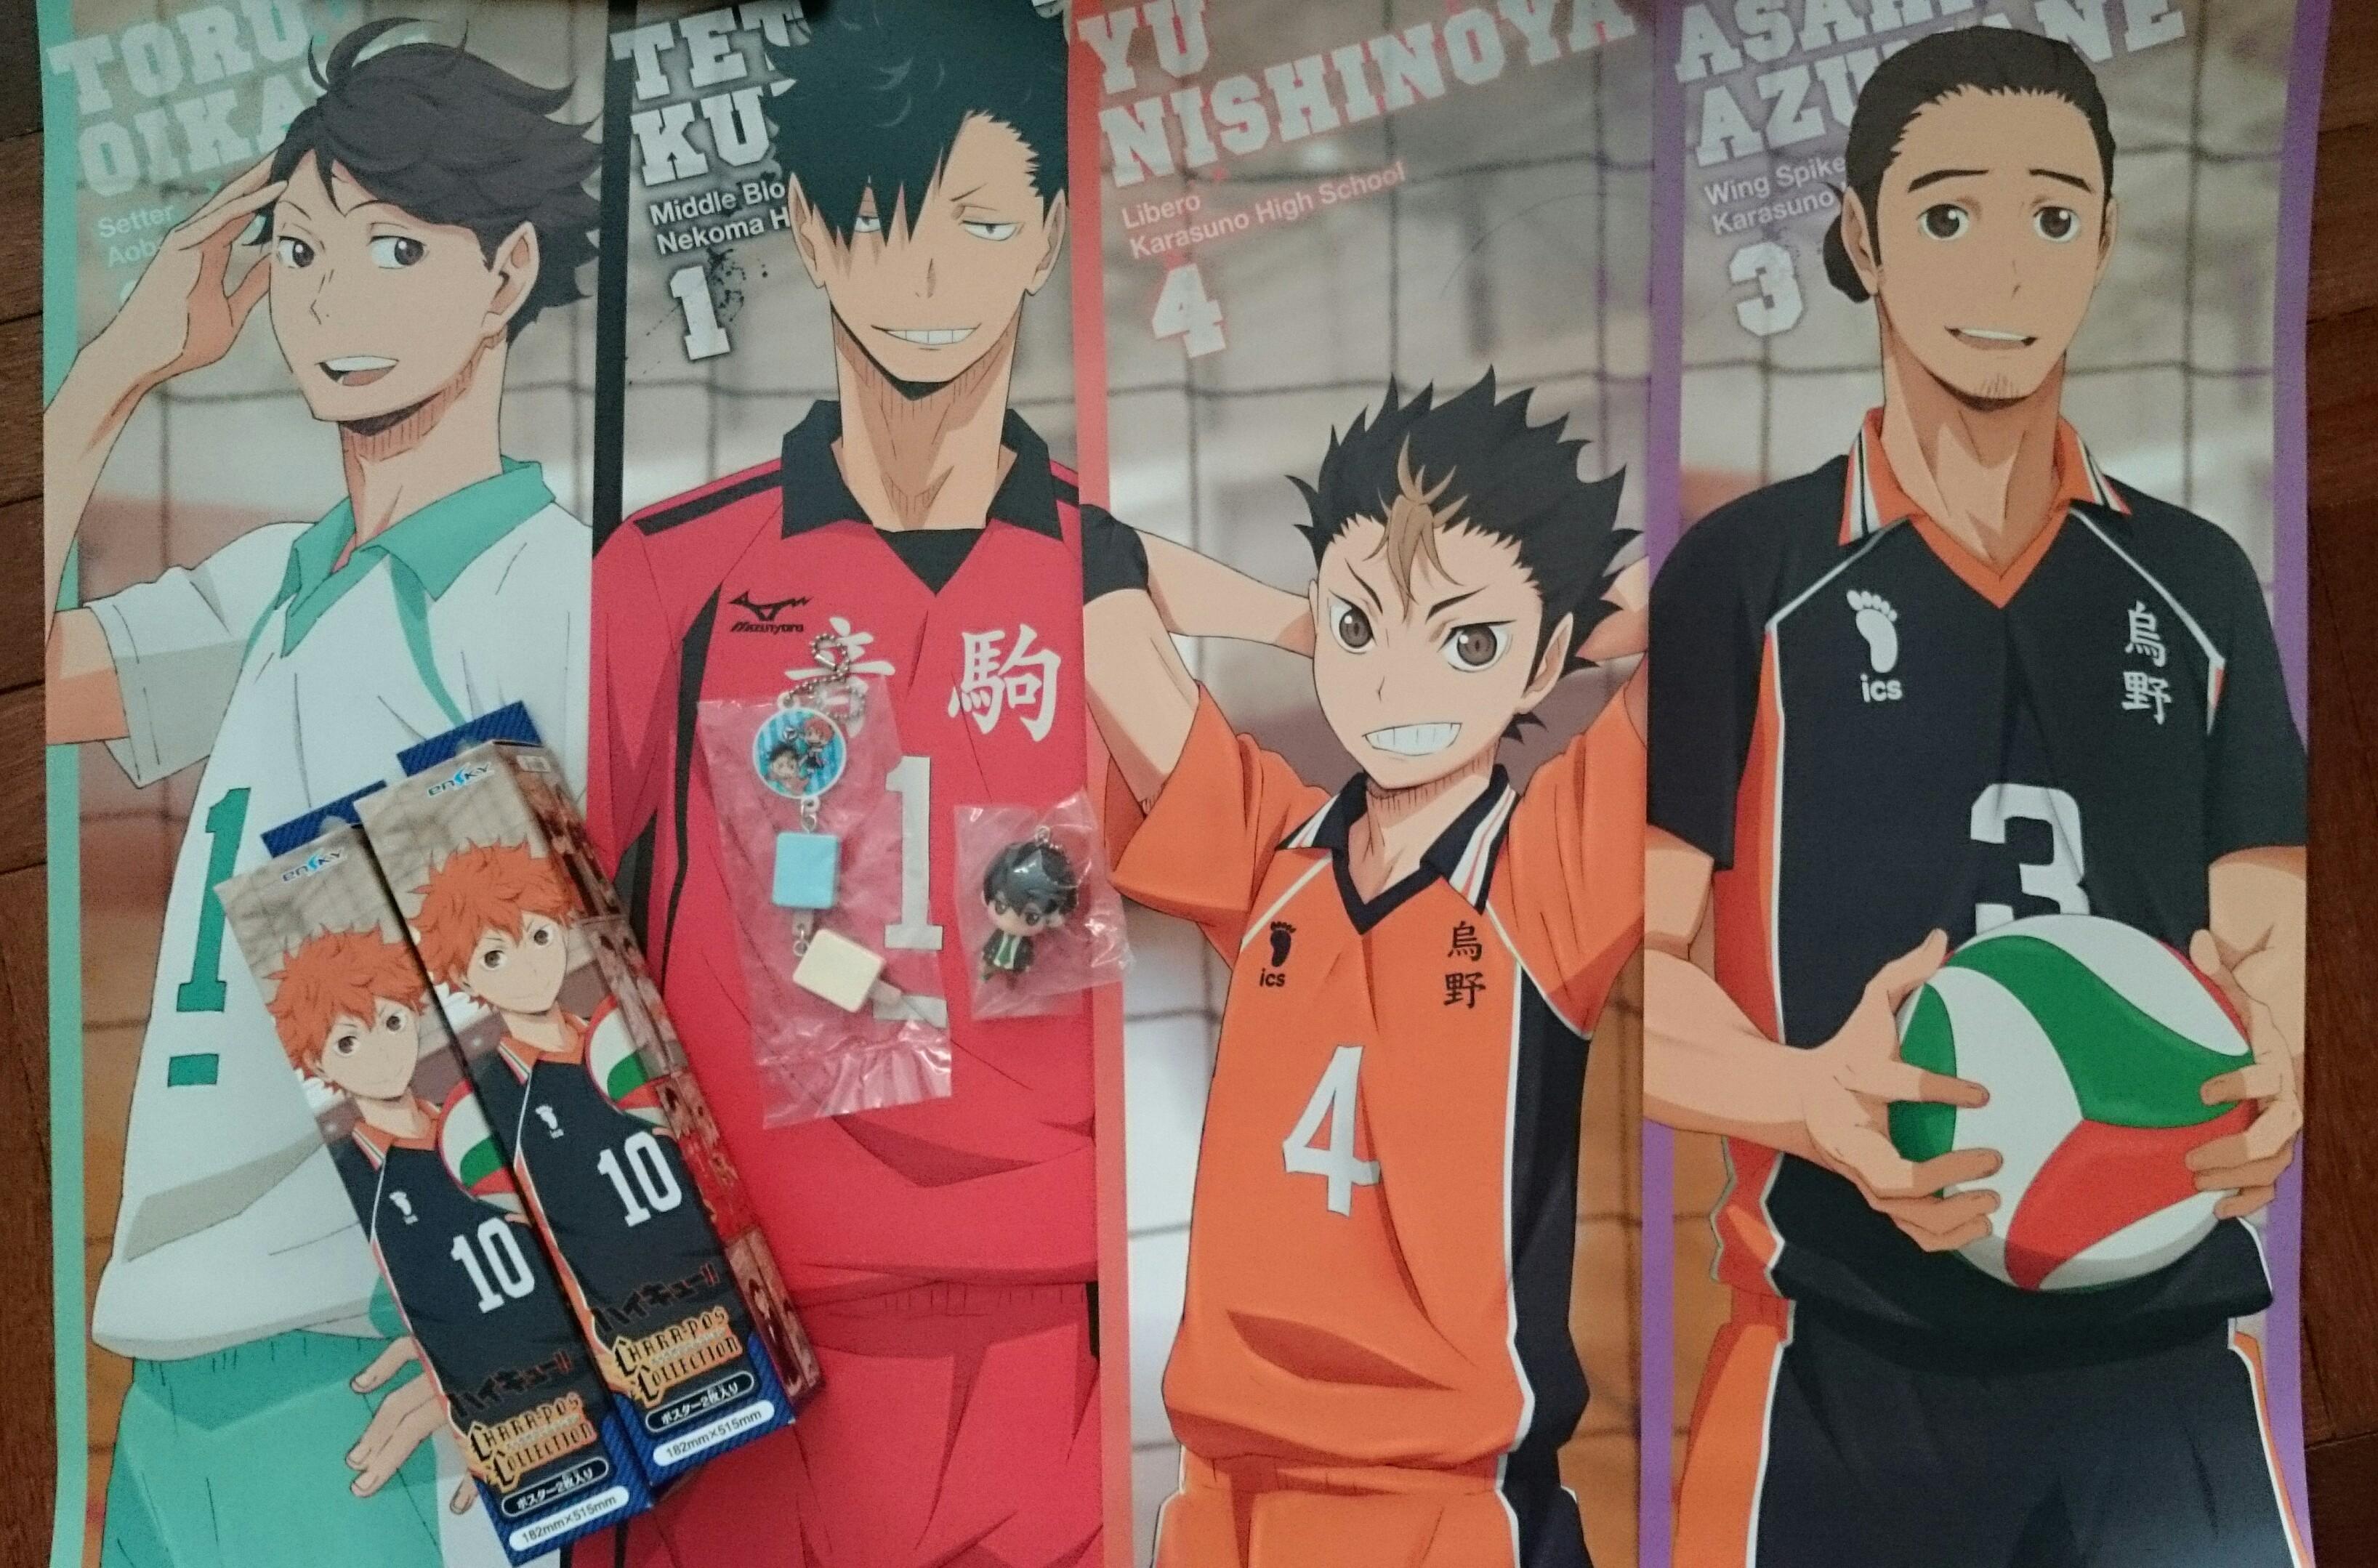 strap poster ensky takara_tomy_a.r.t.s sk_japan kyoto_animation chara-pos_collection haikyuu!! oikawa_tooru hinata_shouyou kuroo_tetsurou nanase_haruka free! ooji_kouji azumane_asahi nishinoya_yuu free!_deformed_mascot_vol._2 haikyuu!!_sakanoshita_shop_mascot haikyuu!!_chara-pos_collection